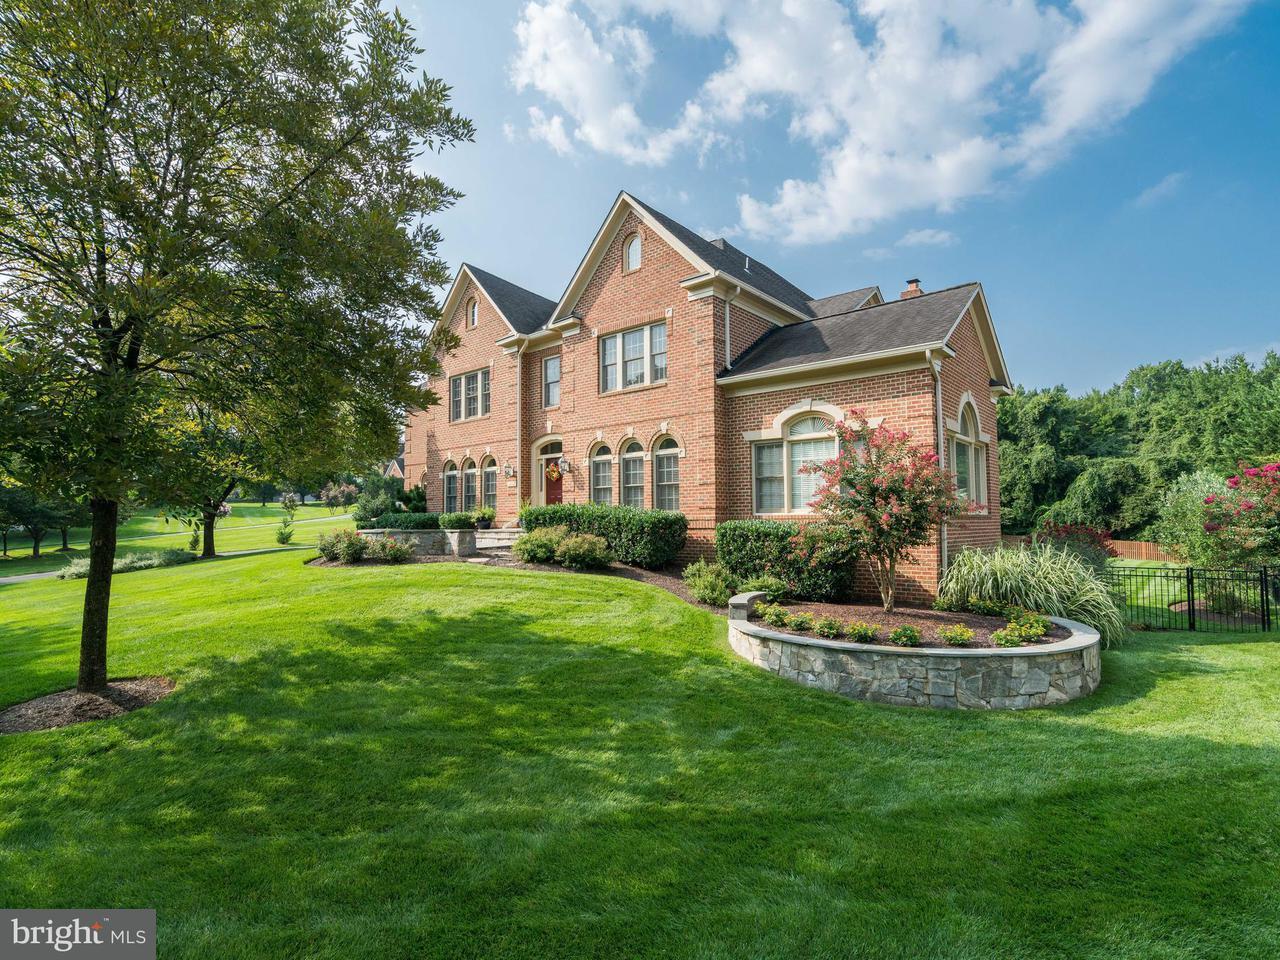 獨棟家庭住宅 為 出售 在 2802 Marshall Lake Drive 2802 Marshall Lake Drive Oakton, 弗吉尼亞州 22124 美國